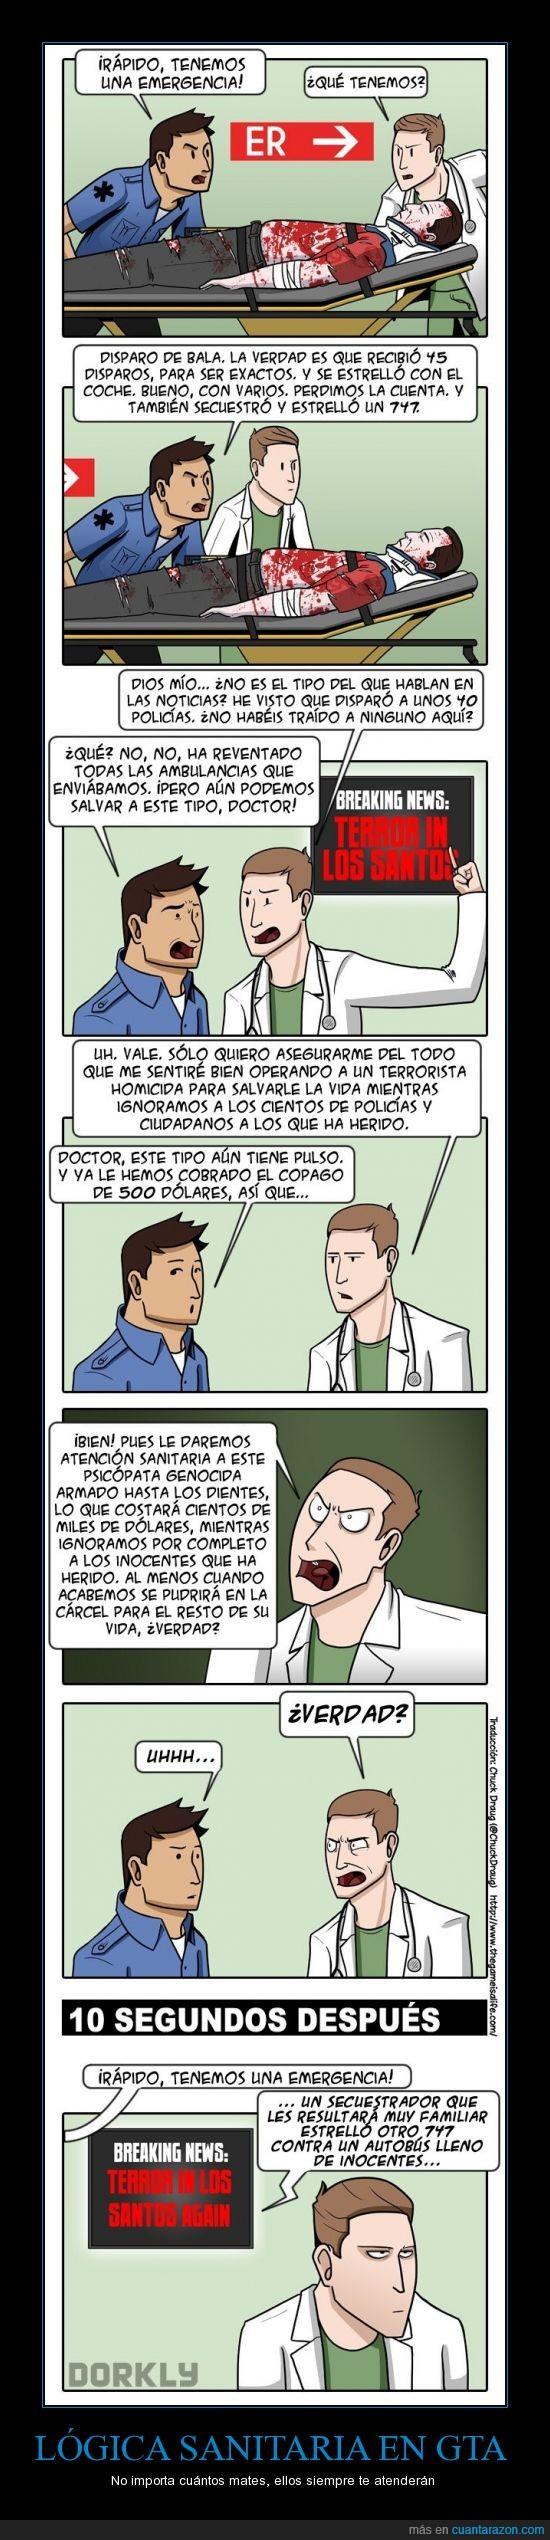 dinero,GTA,GTA V,Lógica,Los Santos,medico,sanidad